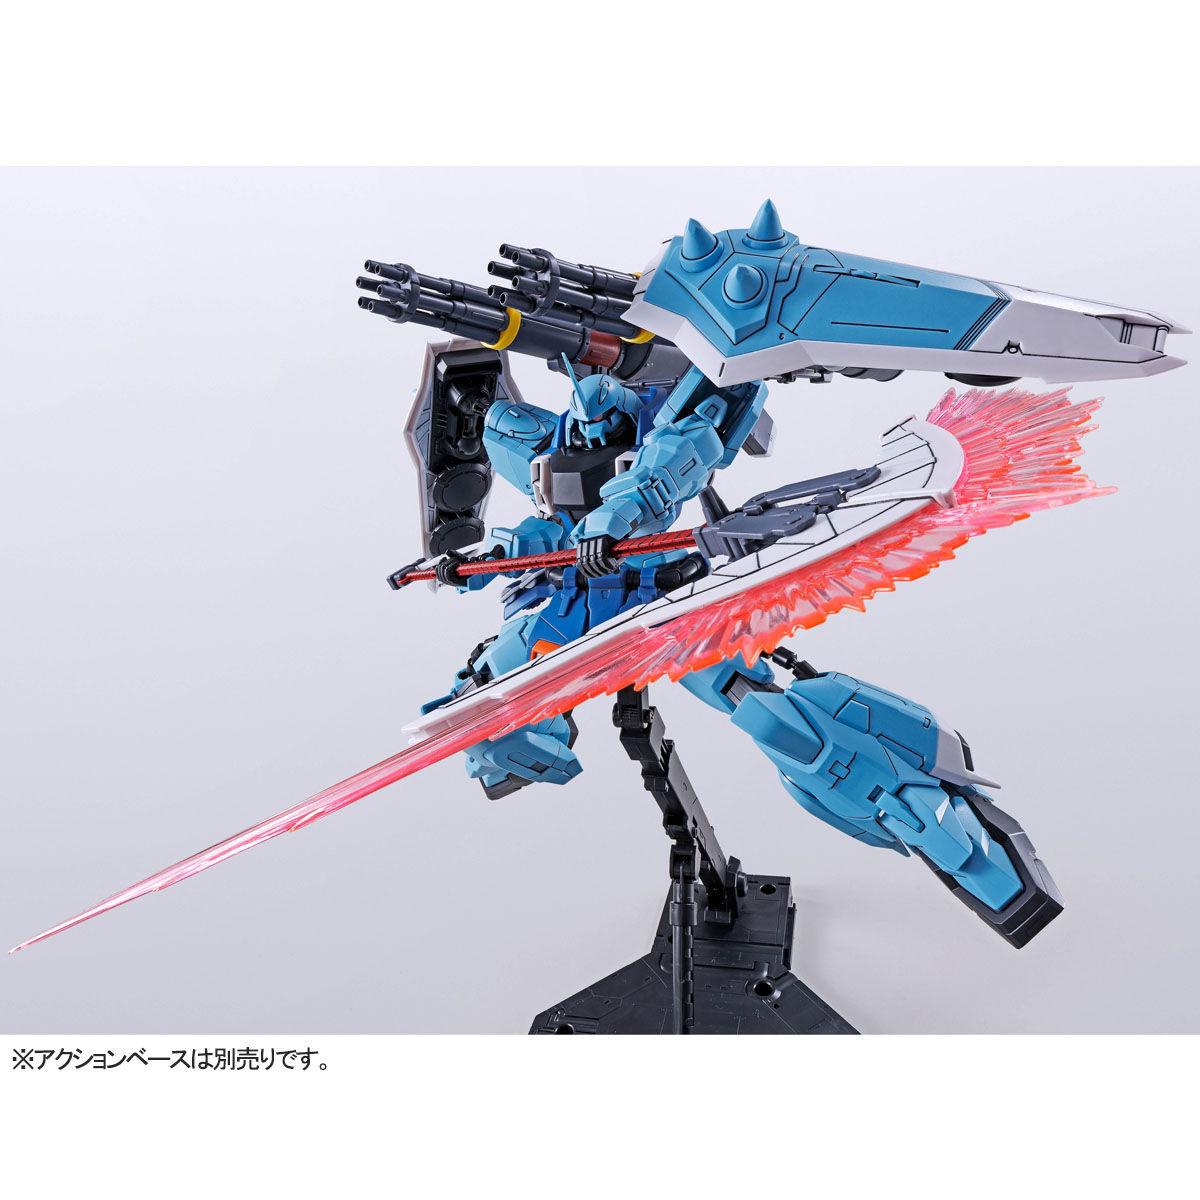 【限定販売】MG 1/100『スラッシュザクファントム(イザーク・ジュール専用機)』プラモデル-007